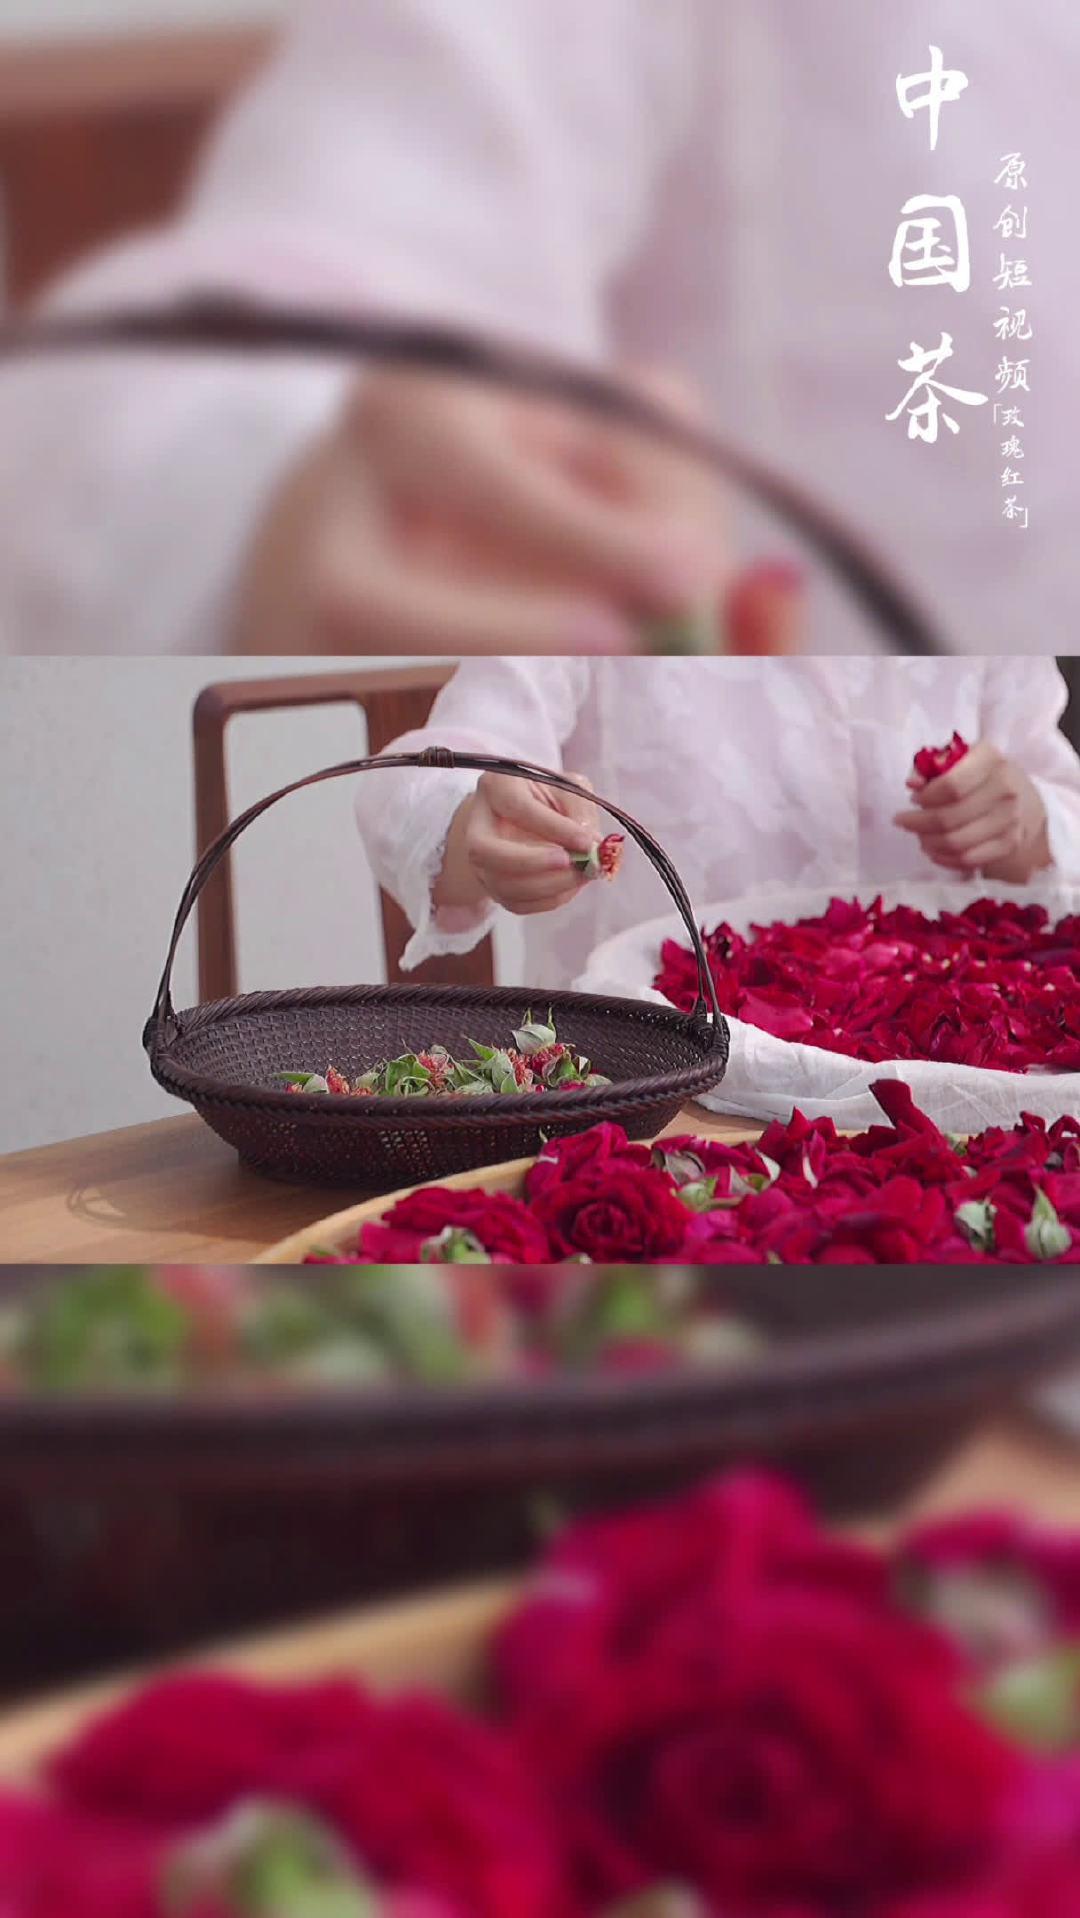 当三月的鲜芽制成红茶 遇见五月的玫瑰 茶人的探索 技艺文明的触